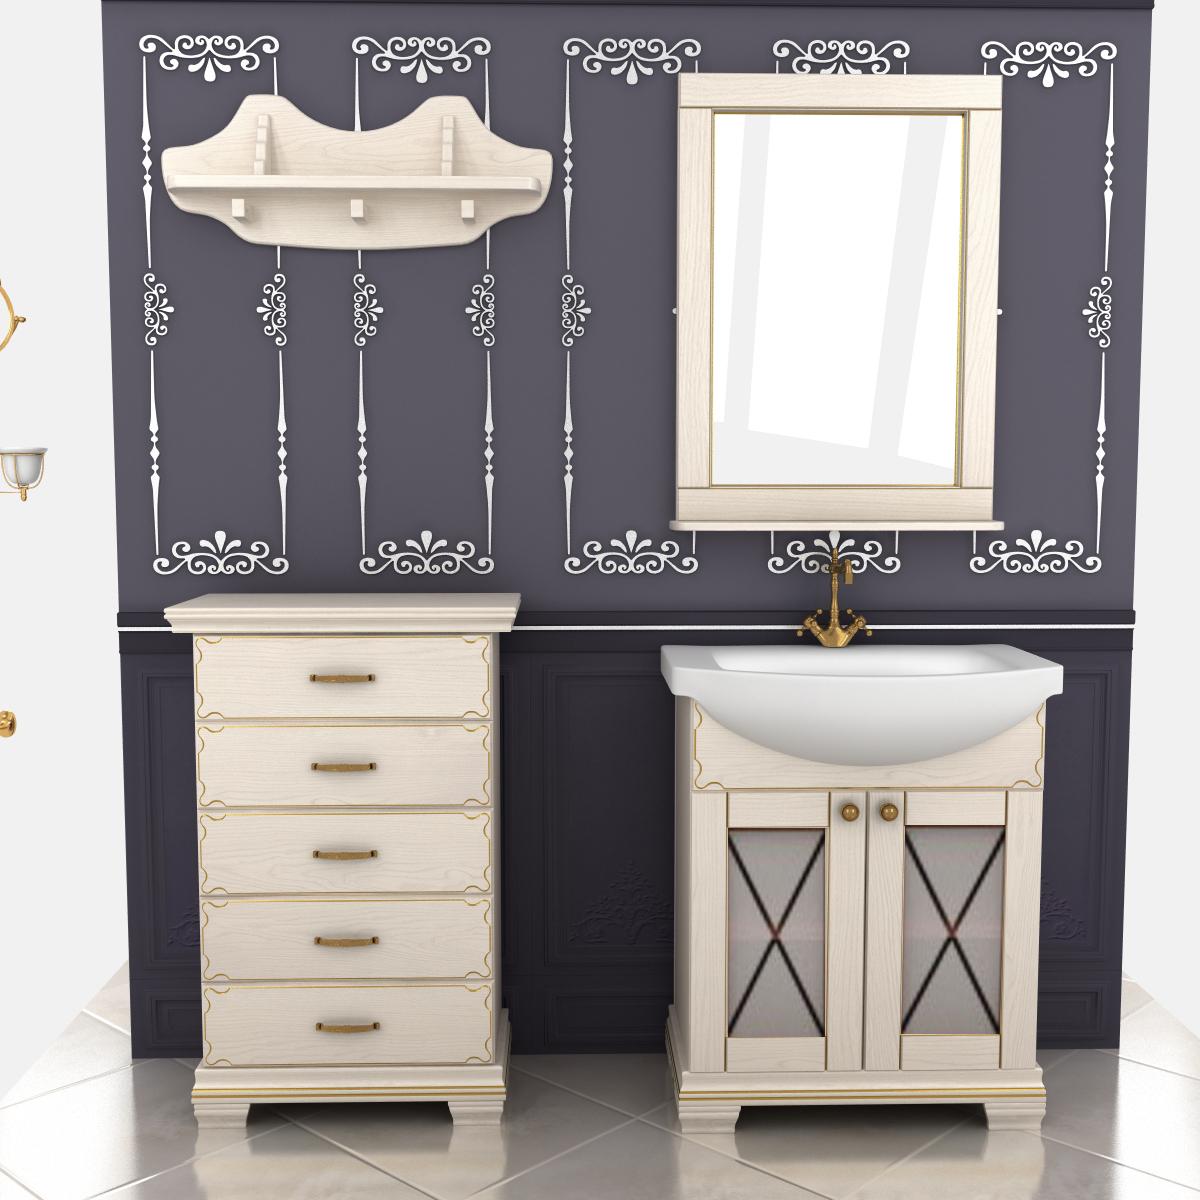 Мебель в ванную на заказ Киев по доступным ценам